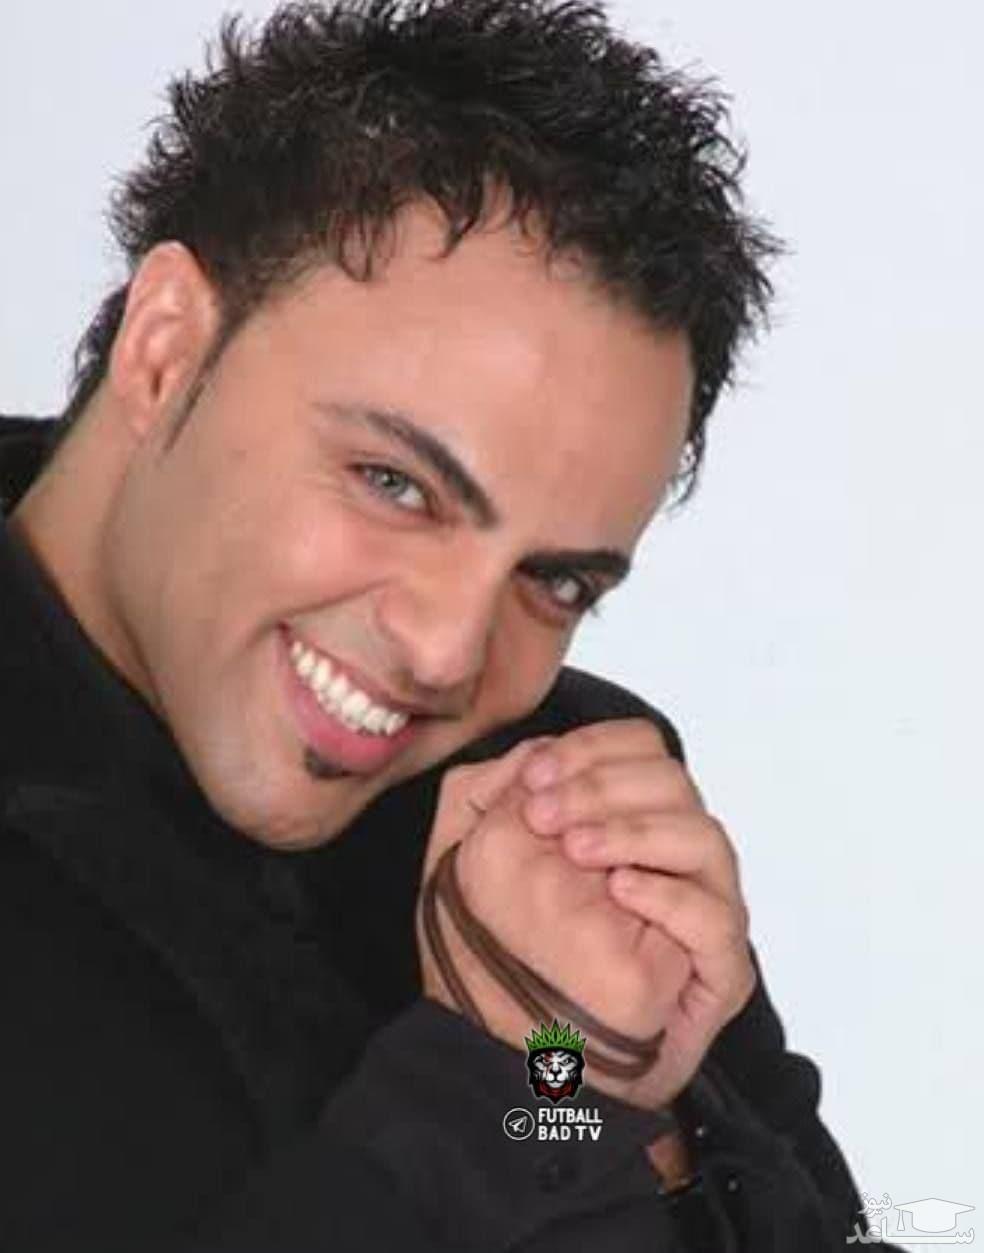 شهرام کاشانی خواننده ایرانی مقیم لس آنجلس درگذشت